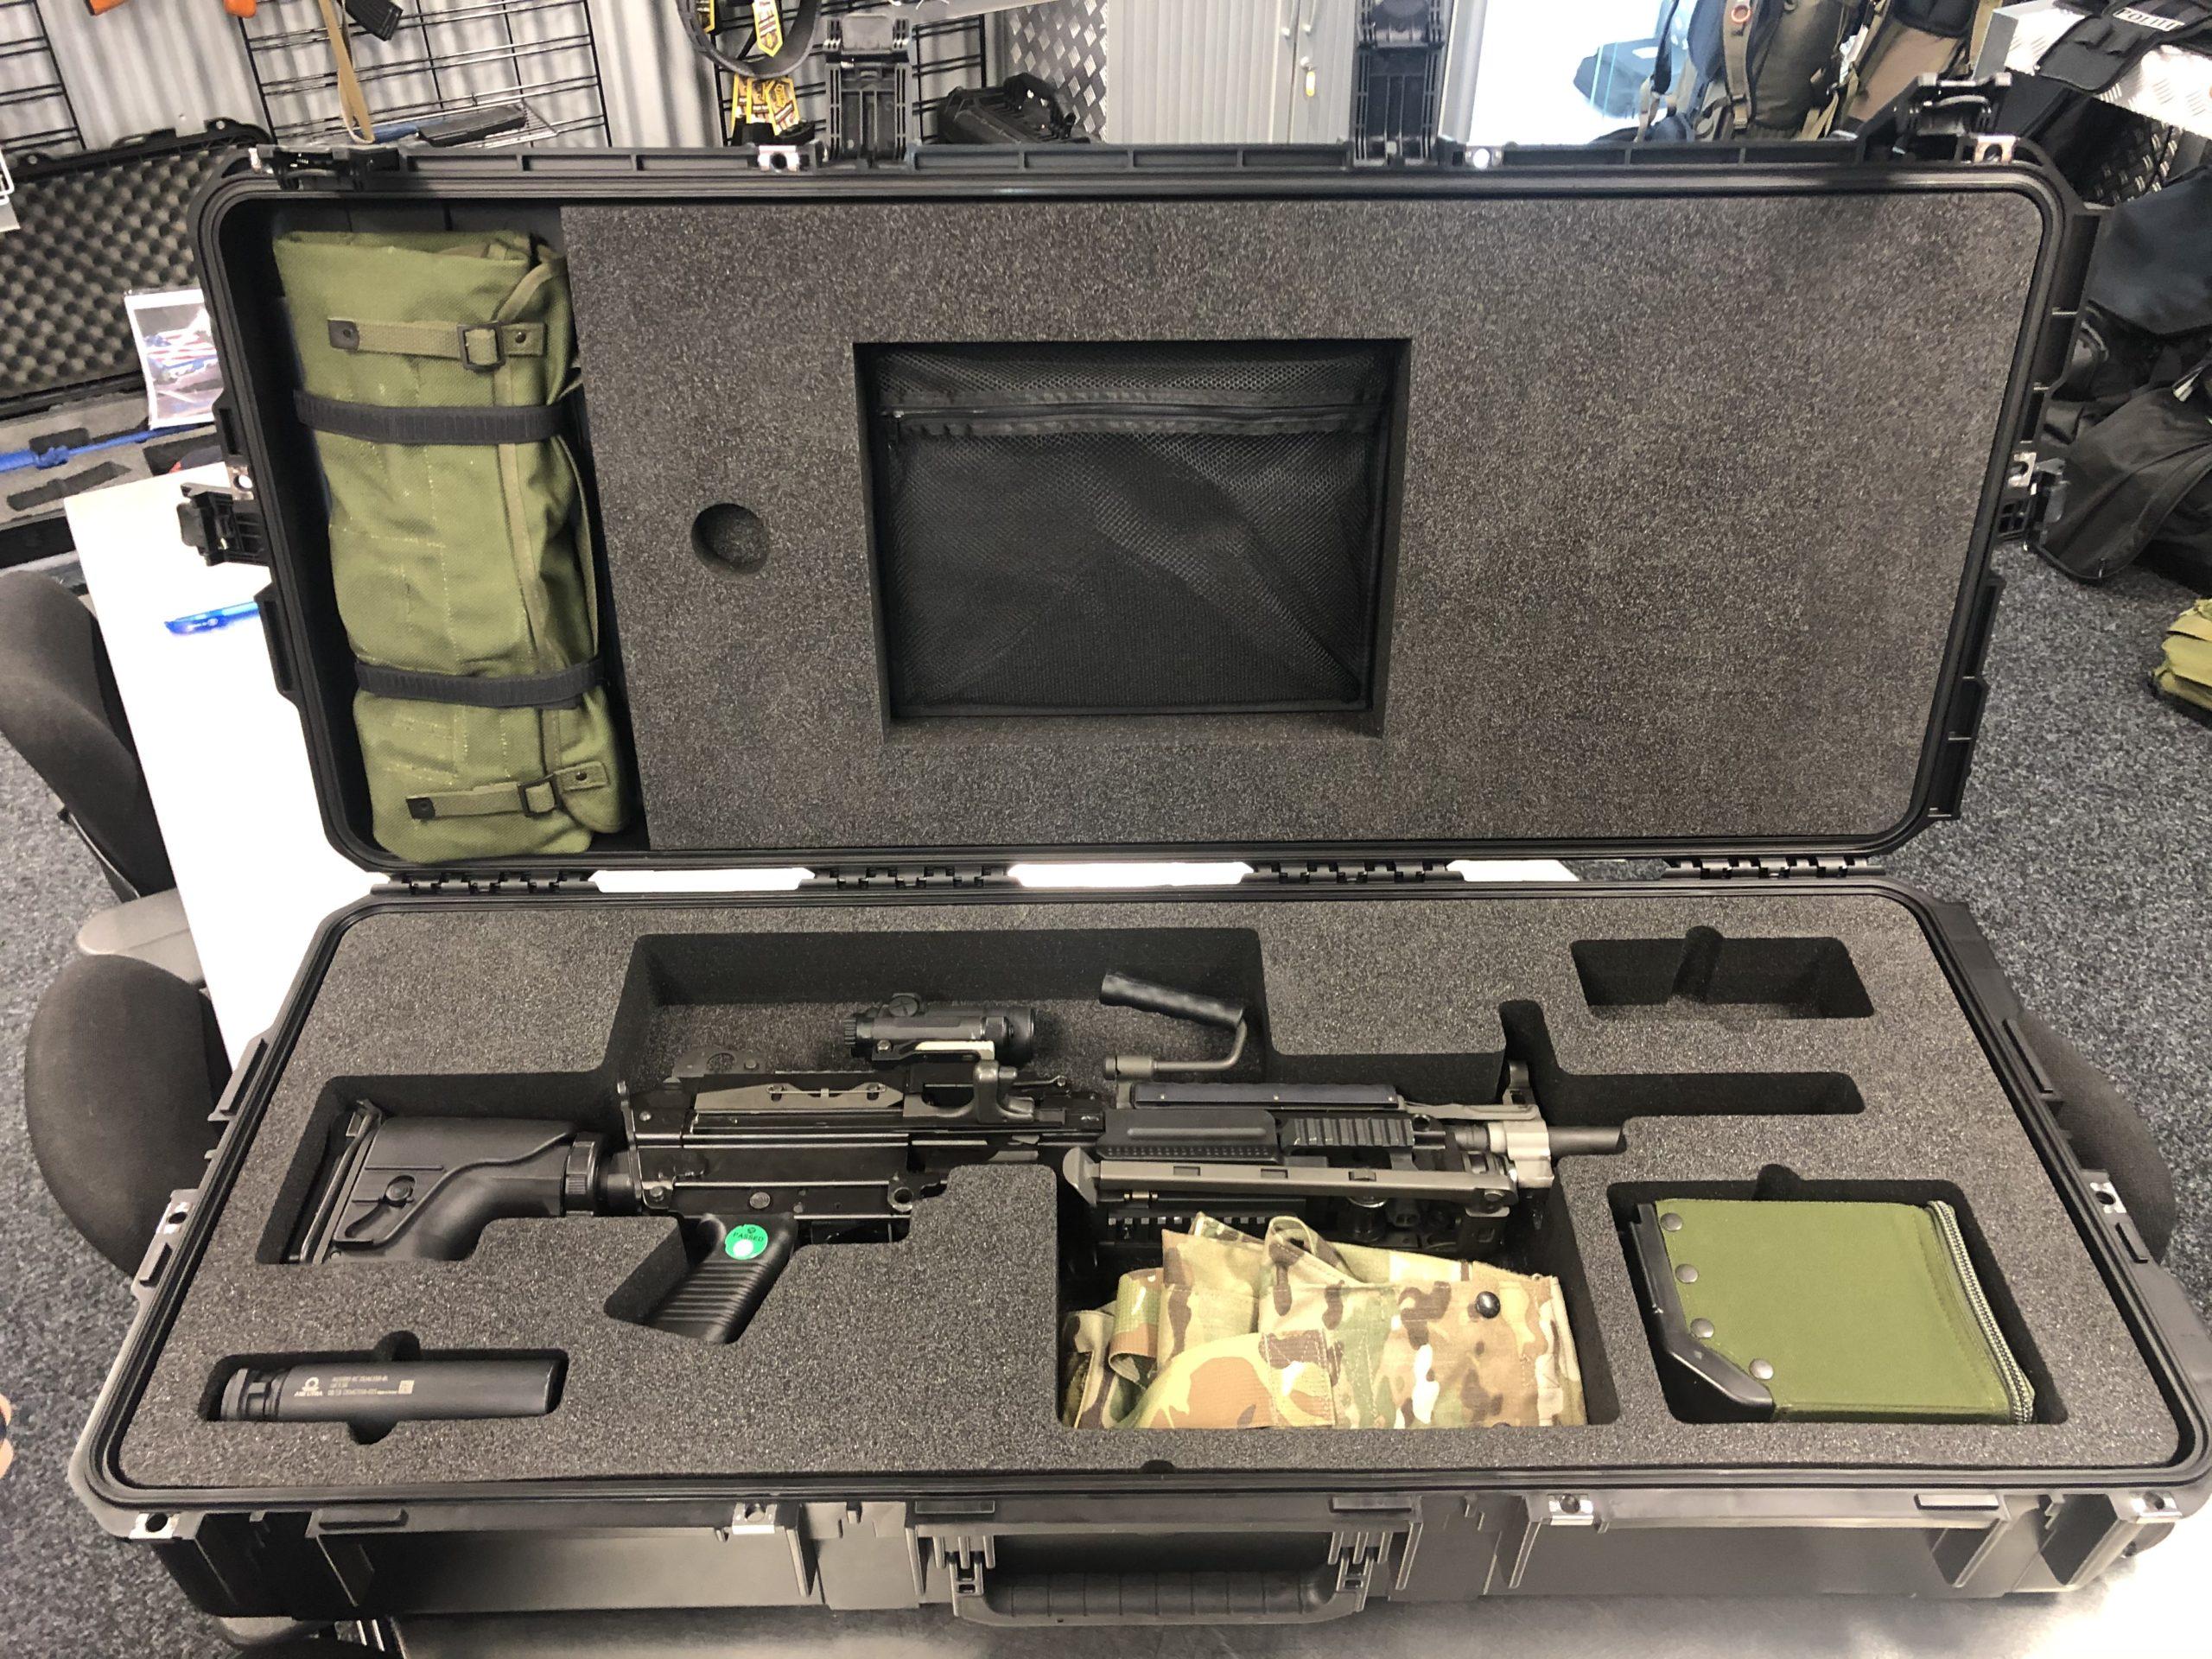 wapenkoffer minimi-7.62